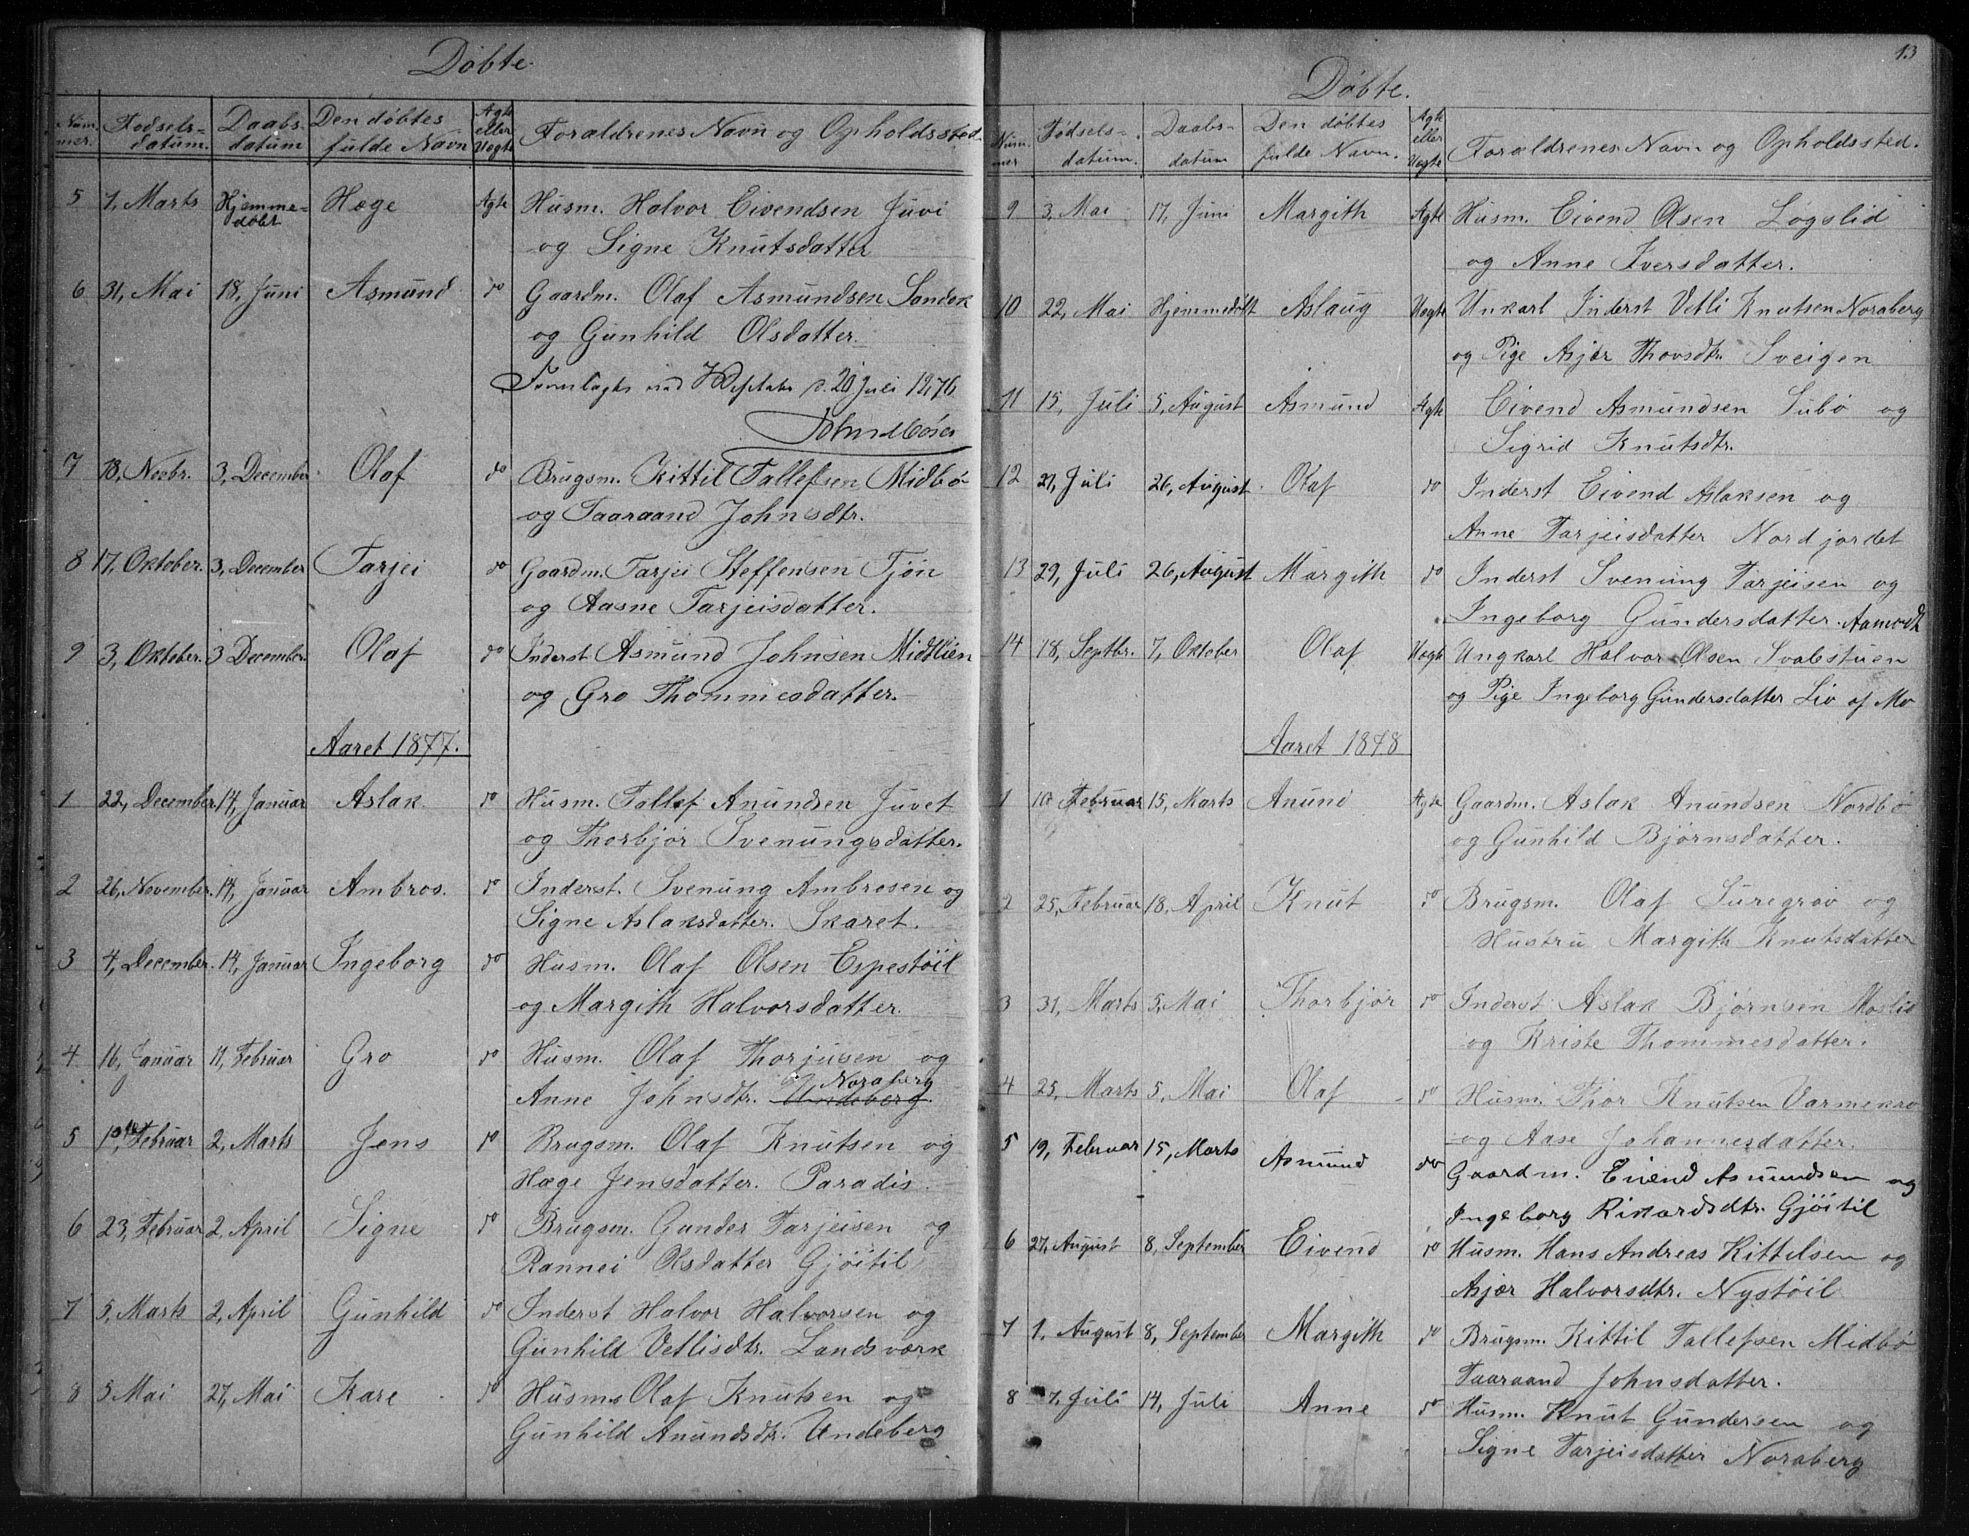 SAKO, Vinje kirkebøker, G/Gb/L0002: Klokkerbok nr. II 2, 1849-1891, s. 13